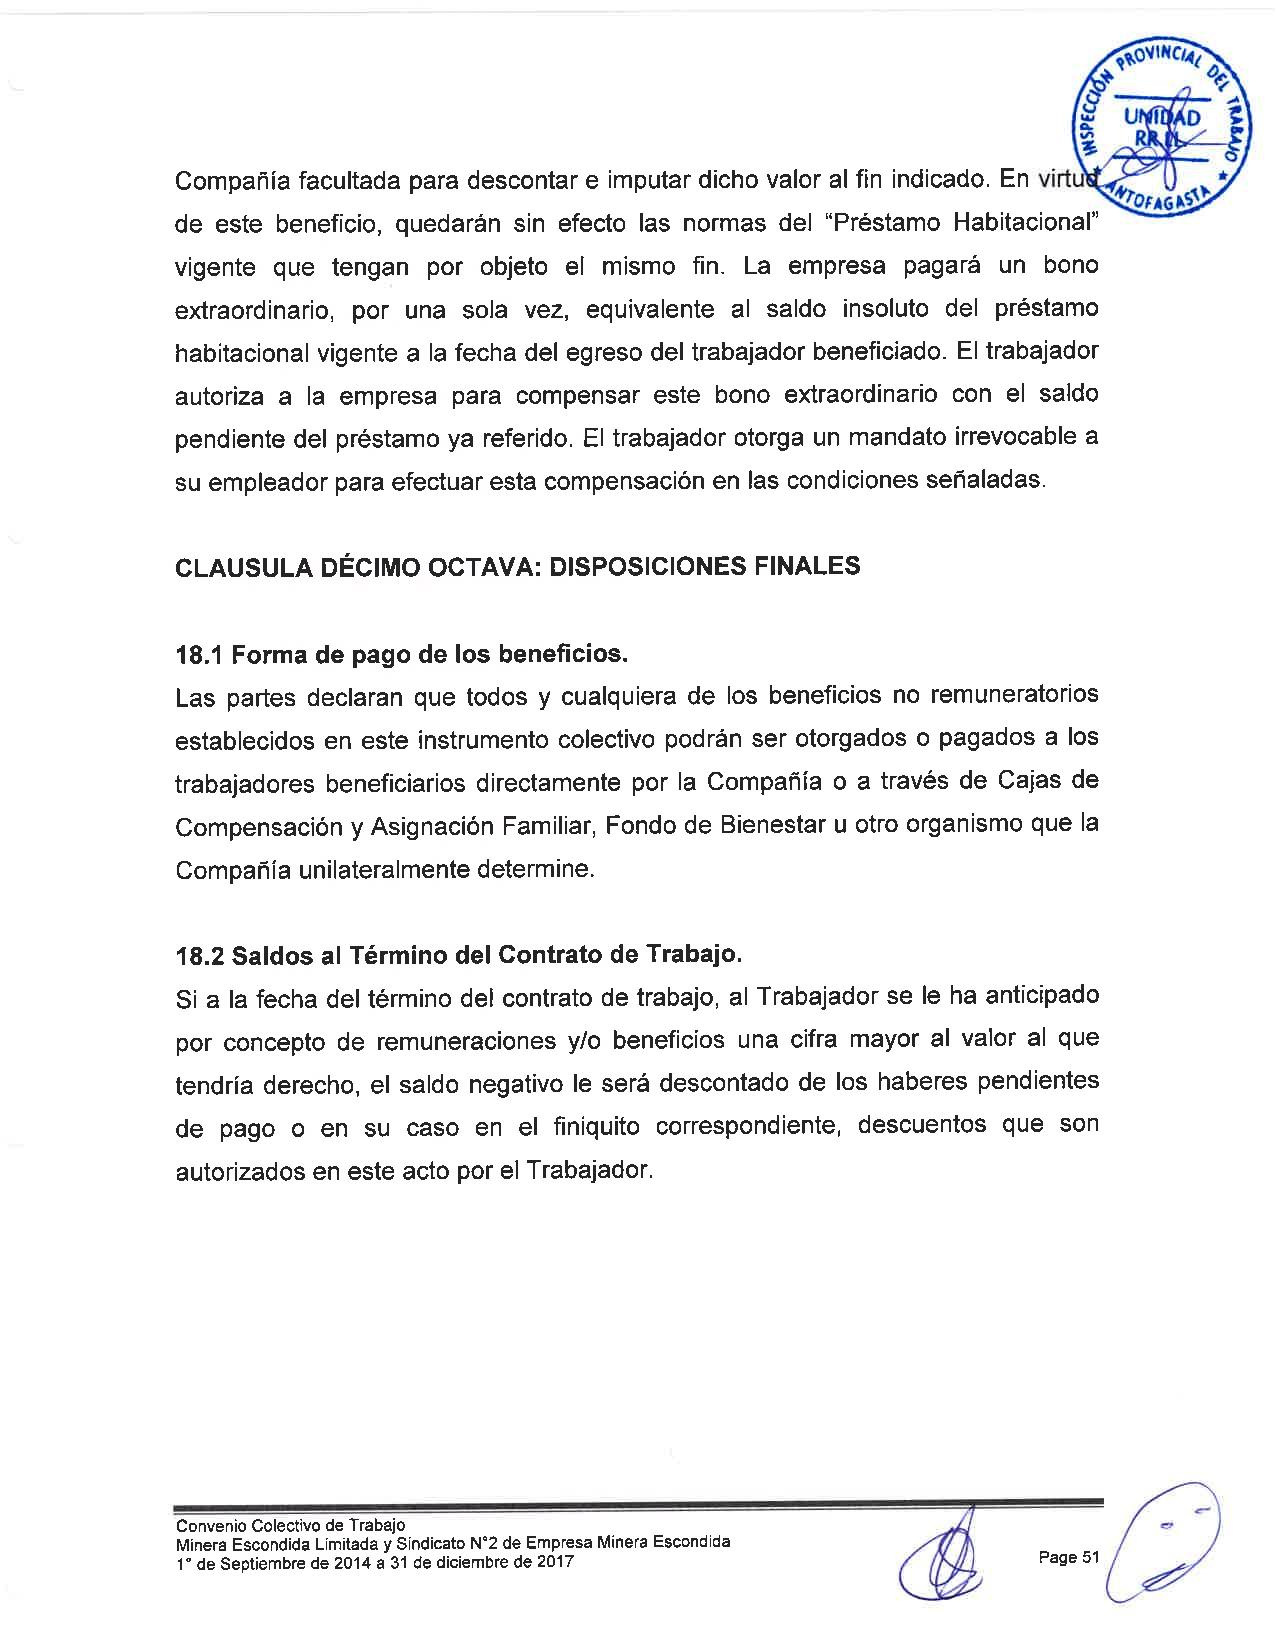 Página (51).jpg